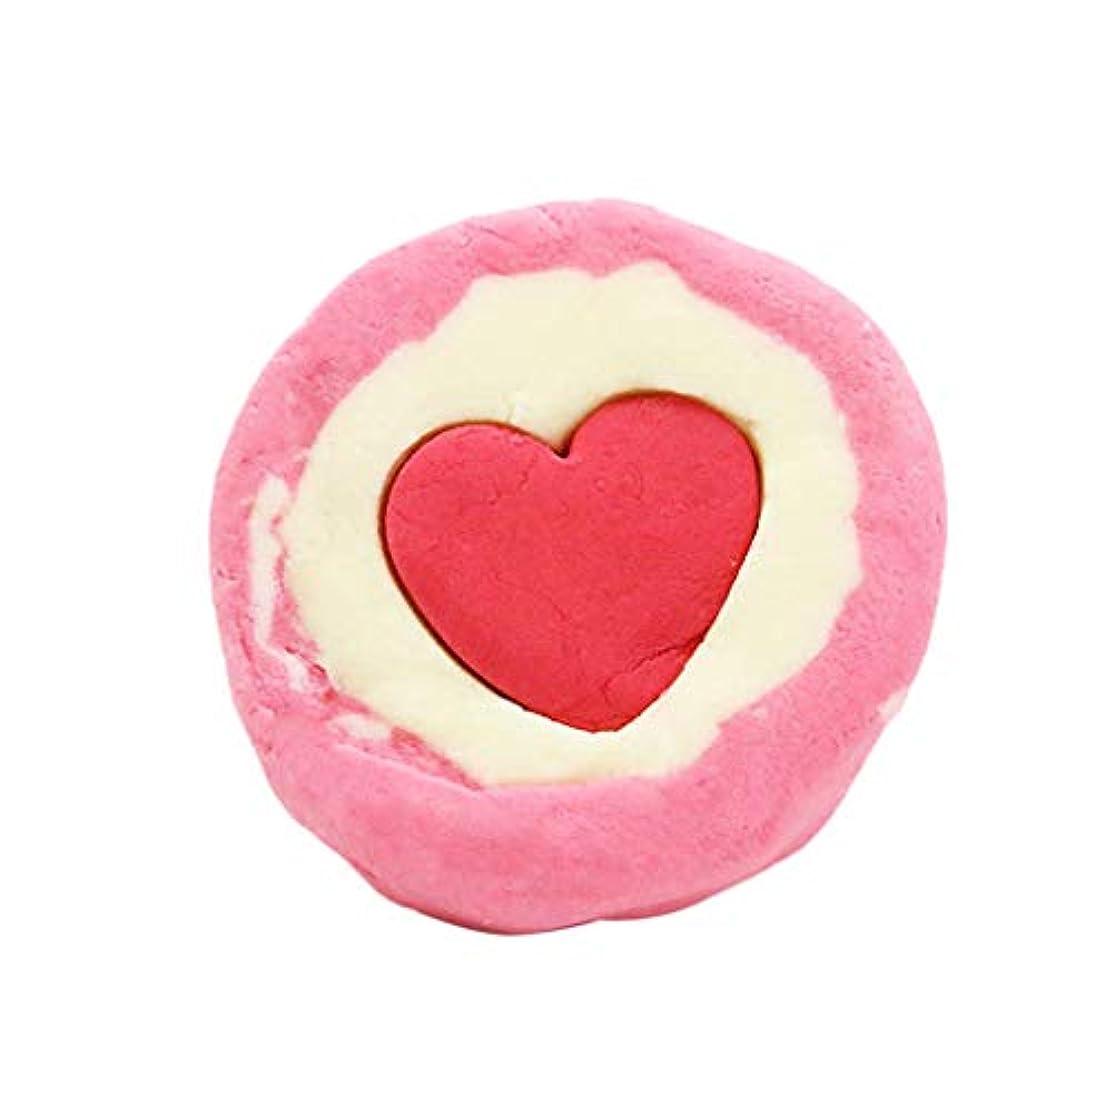 集団適格ミスTOOGOO ハート型 入浴ボール ドライ?フラワー バブル ソルトバスボール ホームスパギフトボックス付き、異なる香り、すべての肌が使用可能